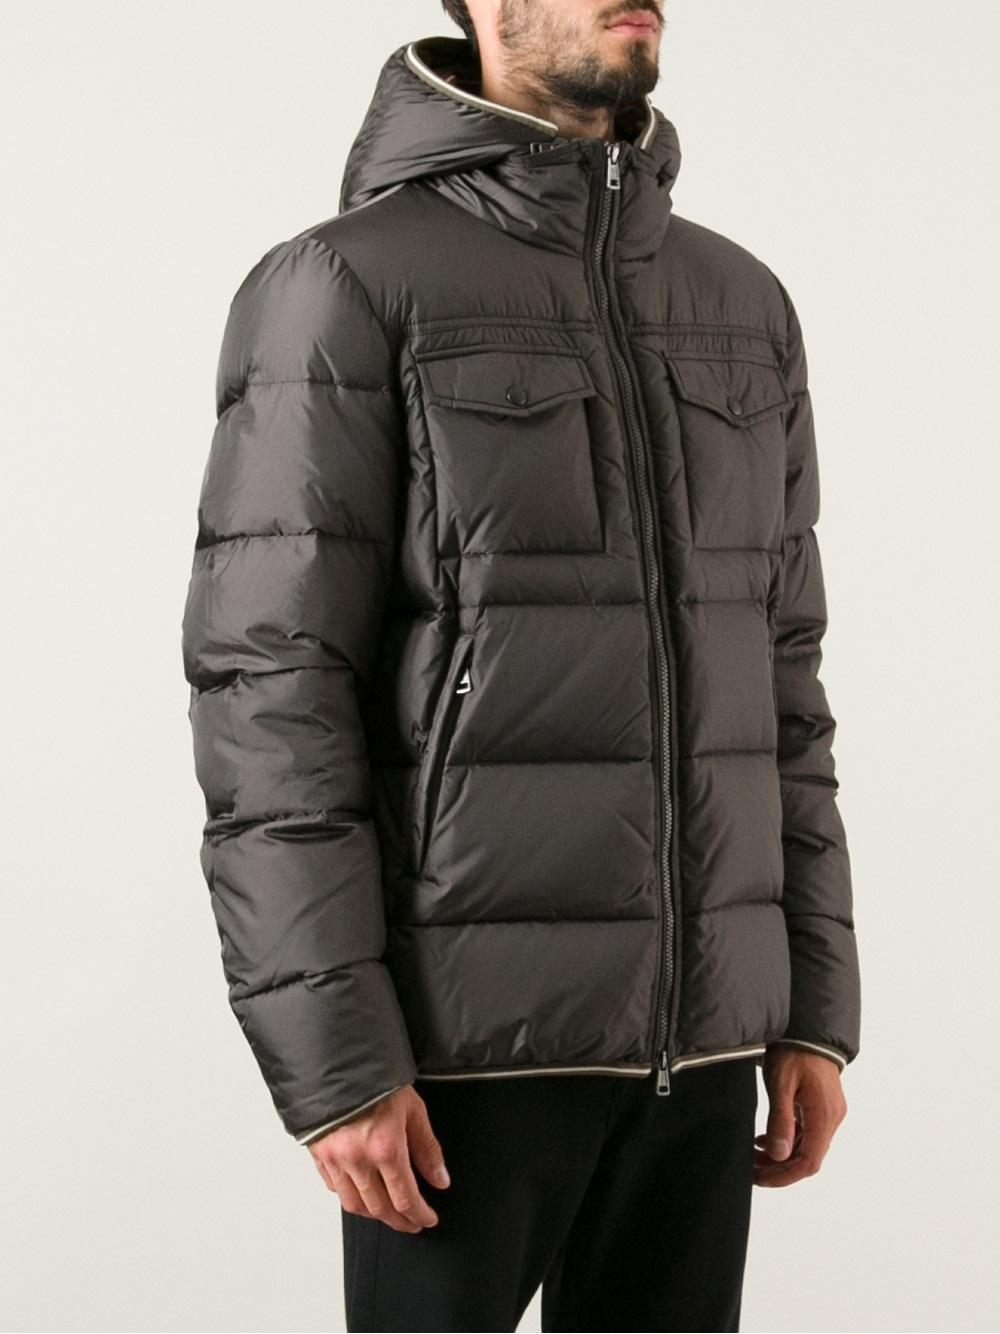 moncler jackets brown thomas